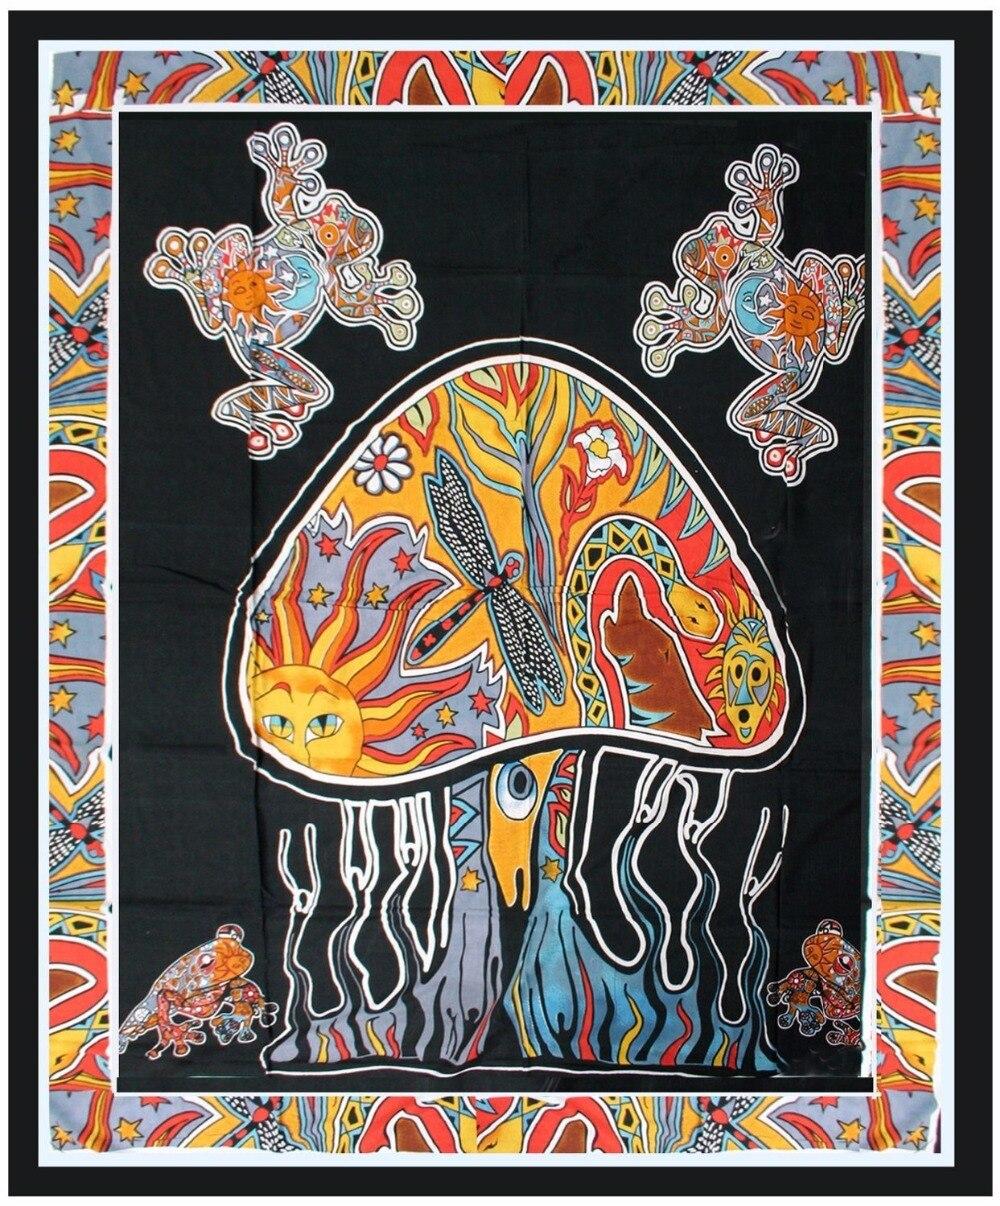 Cammitever vermelho sun totem sapo psychedelic cogumelo noite árvore indiano mandala tapeçaria de suspensão de parede para casa colcha arte tapete